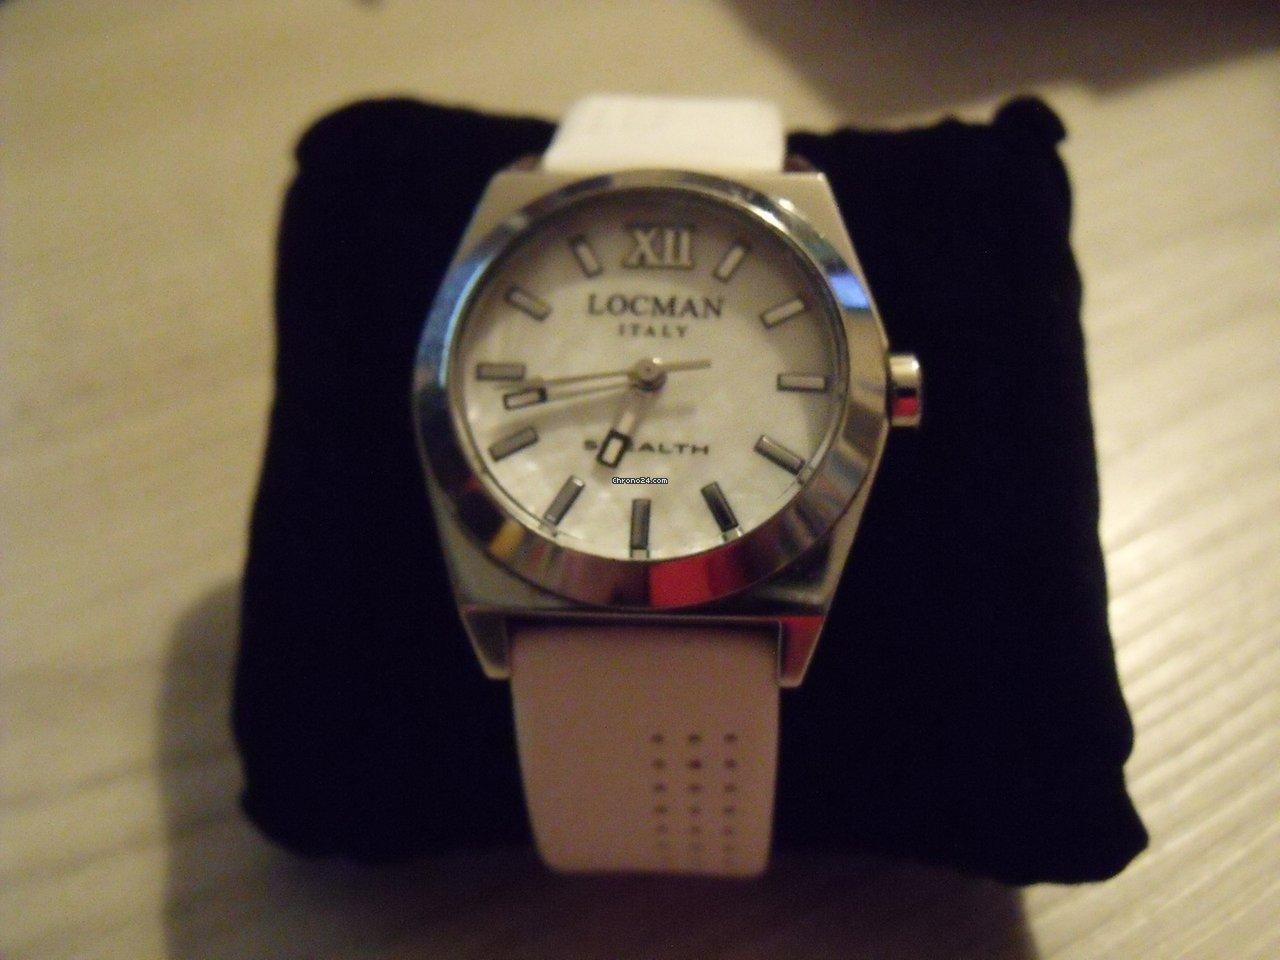 Locman Stealth Donna Solo Tempo 020400MWFNK0SIW eladó 42 130 Ft Magáneladó  státuszú eladótól a Chrono24-en a6e69aad1e